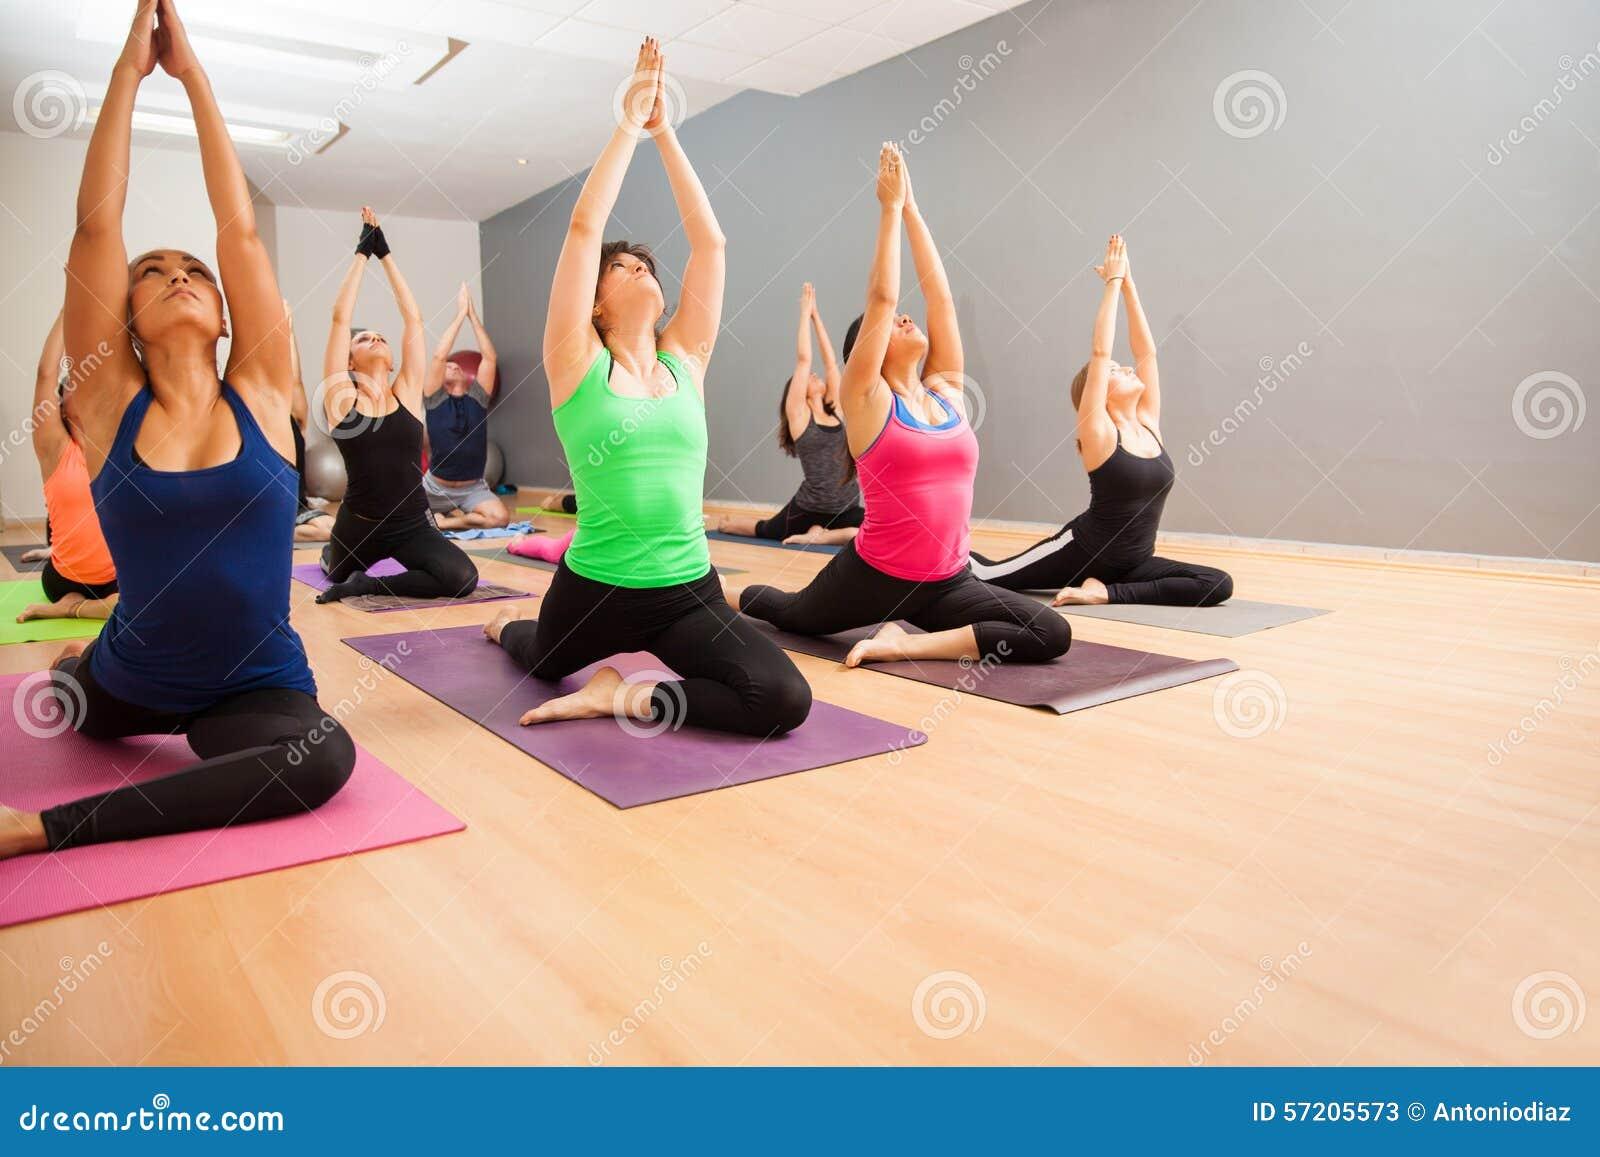 z yoga studio